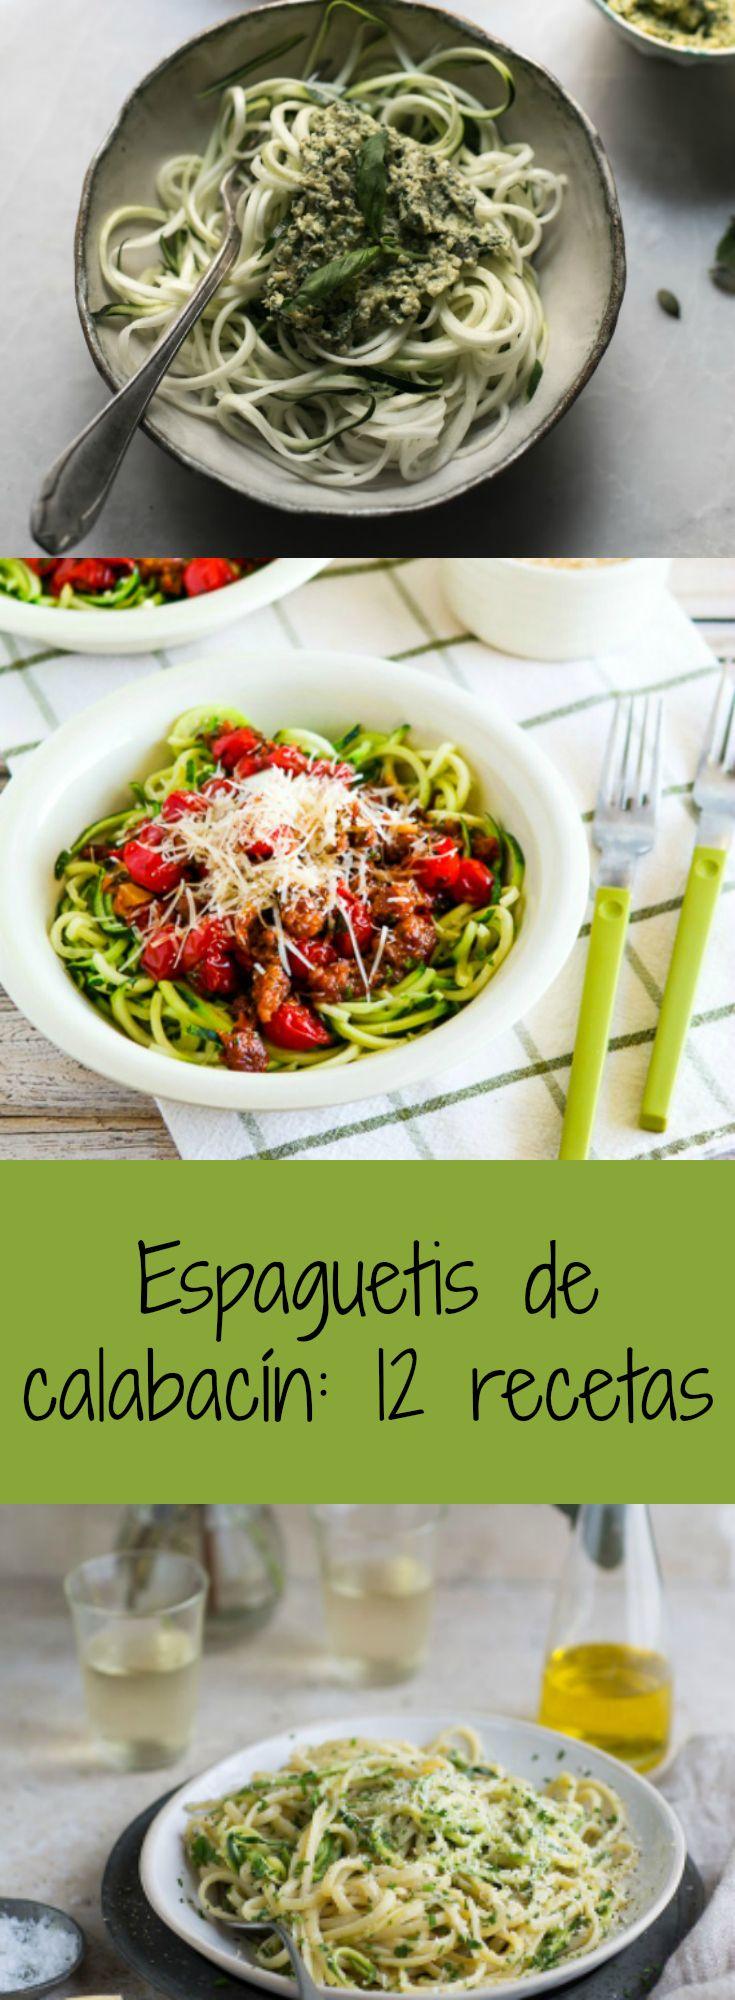 12 maneras de preparar los espaguetis de calabacín, muy fáciles y sanas | Tasty Details